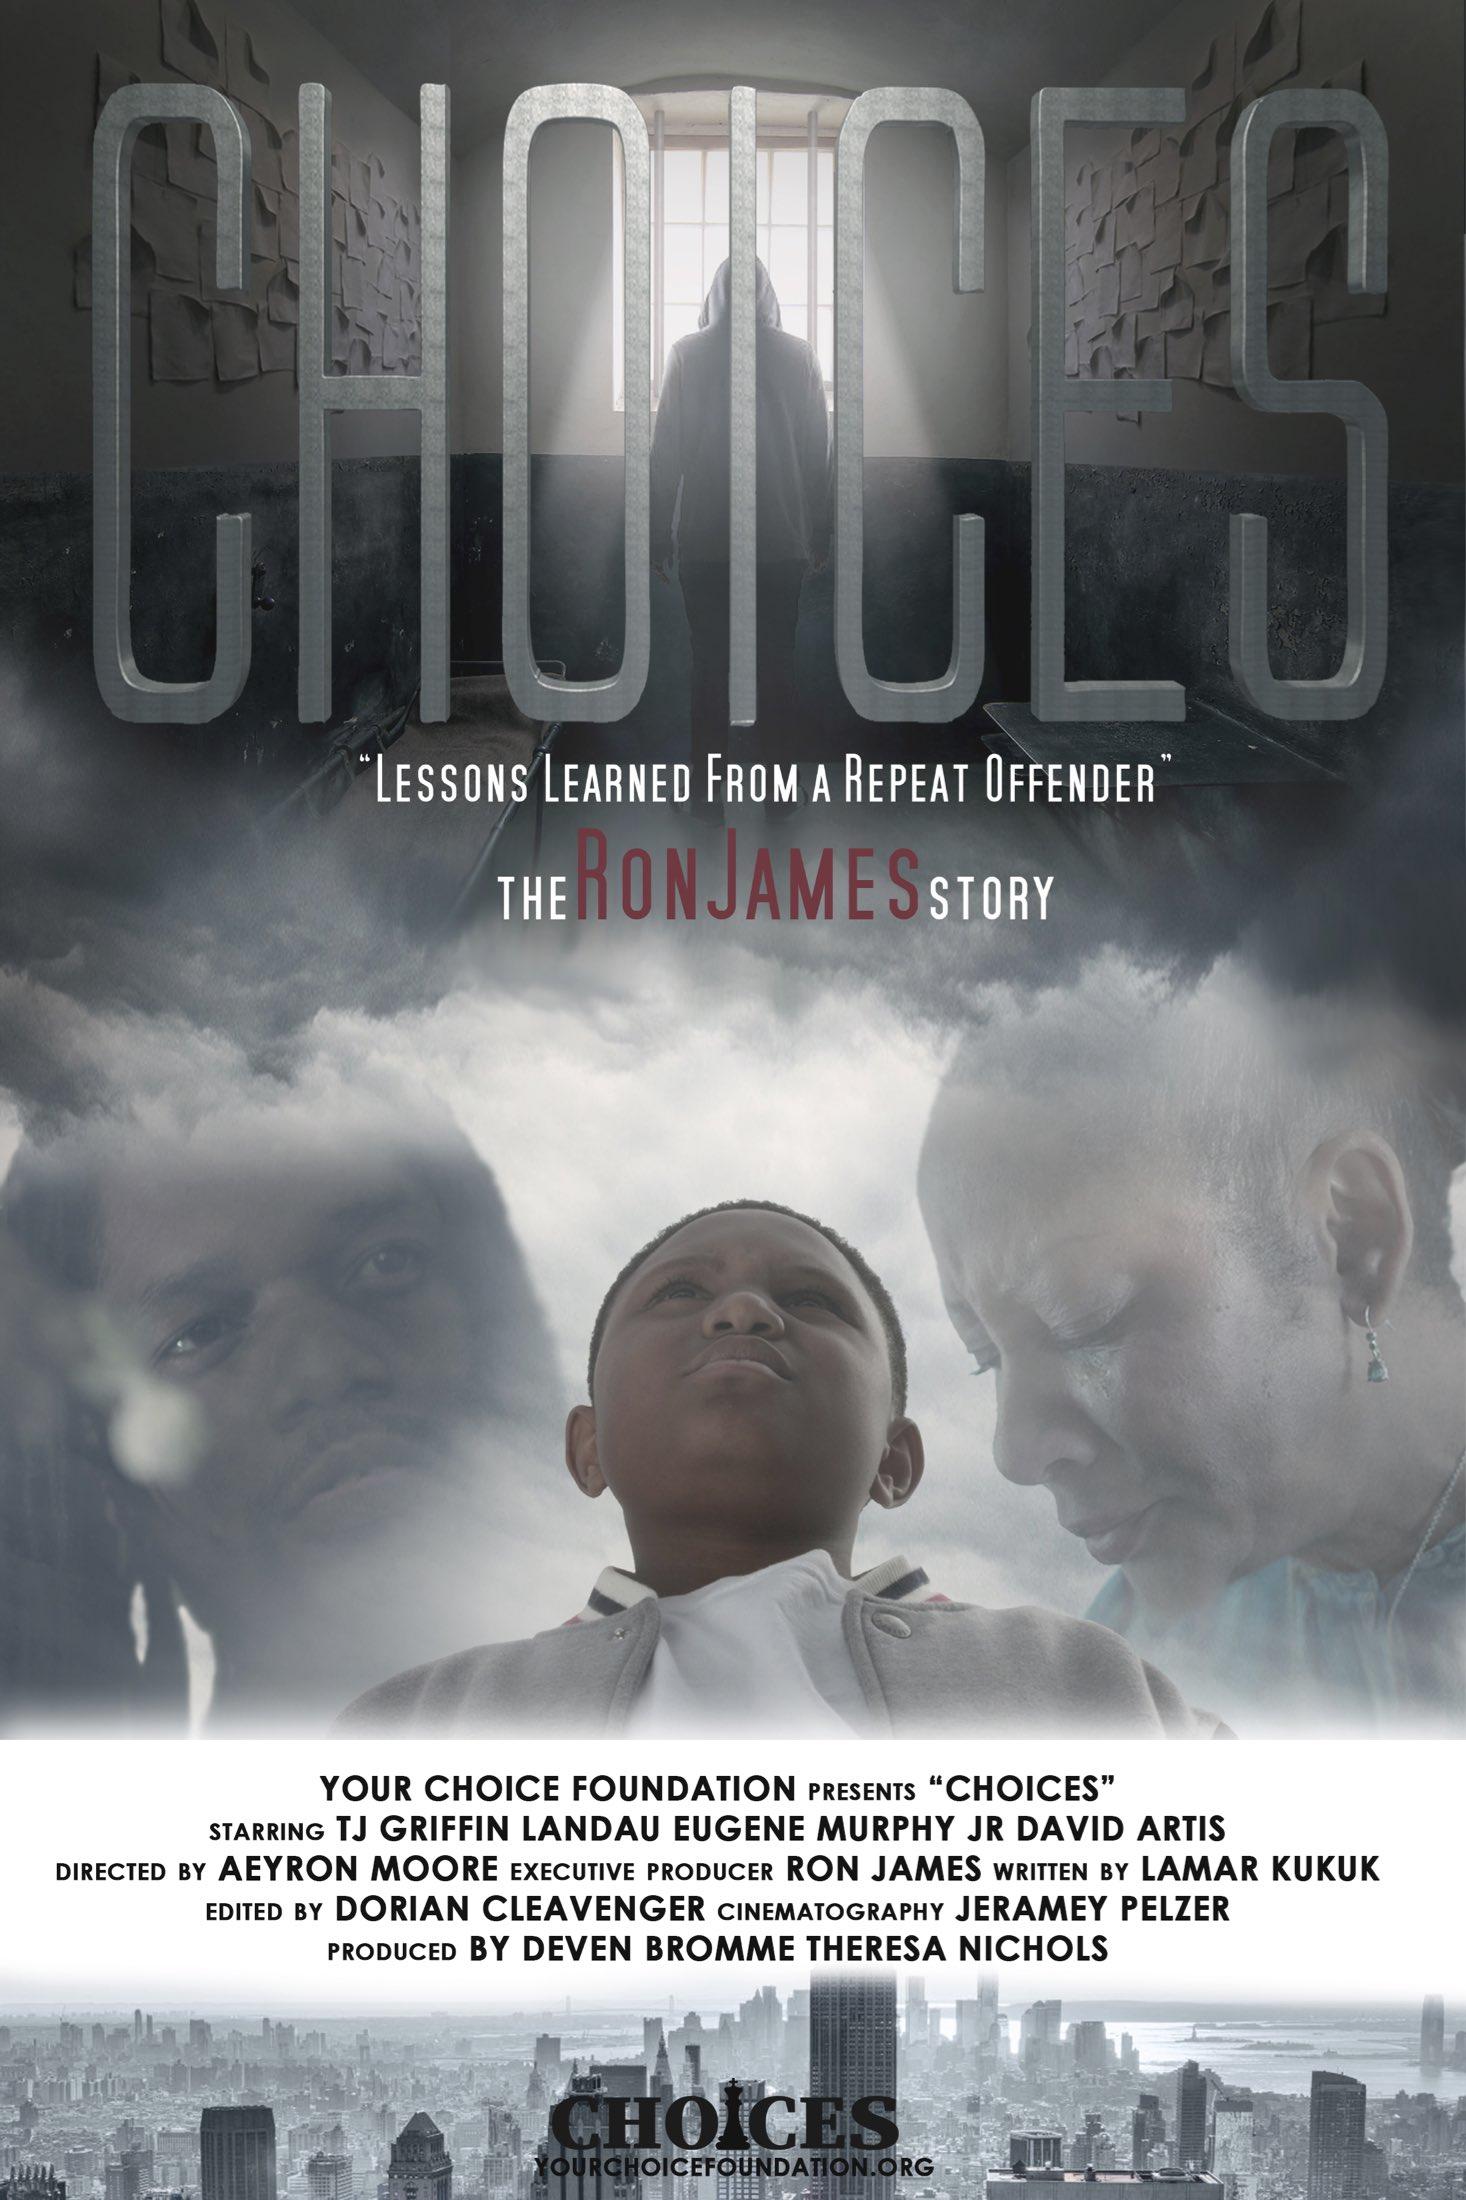 Choices Movie Poster copy1.jpg